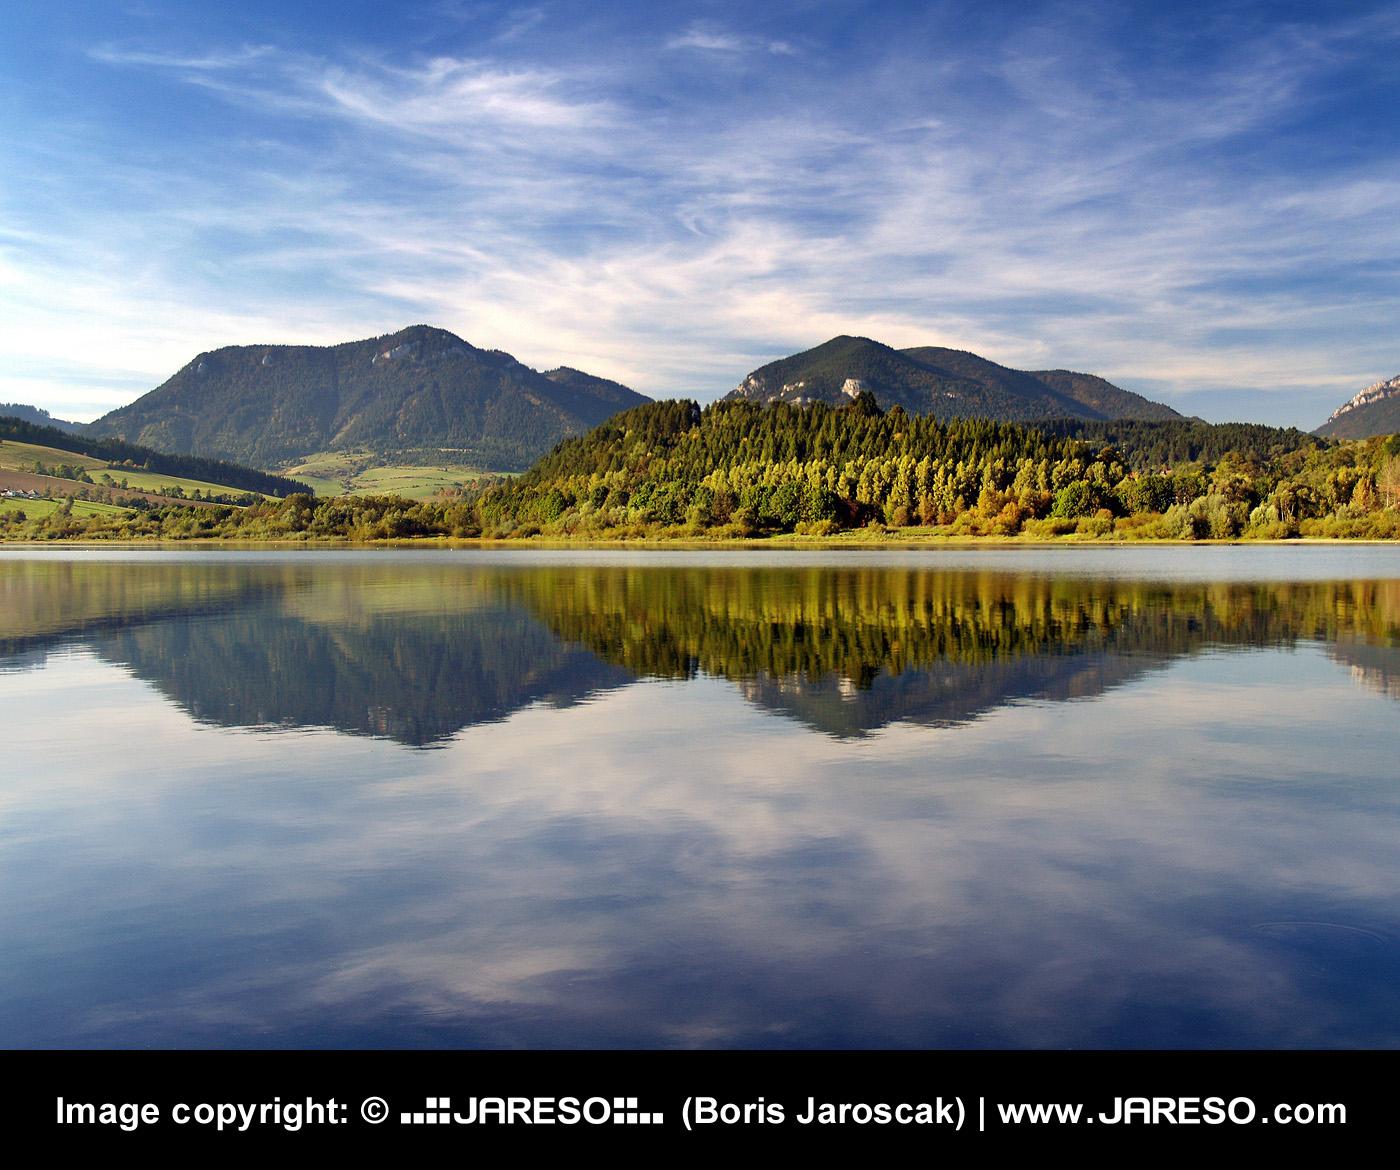 web_gplus_mountain_reflection_p9226426_2x.jpg